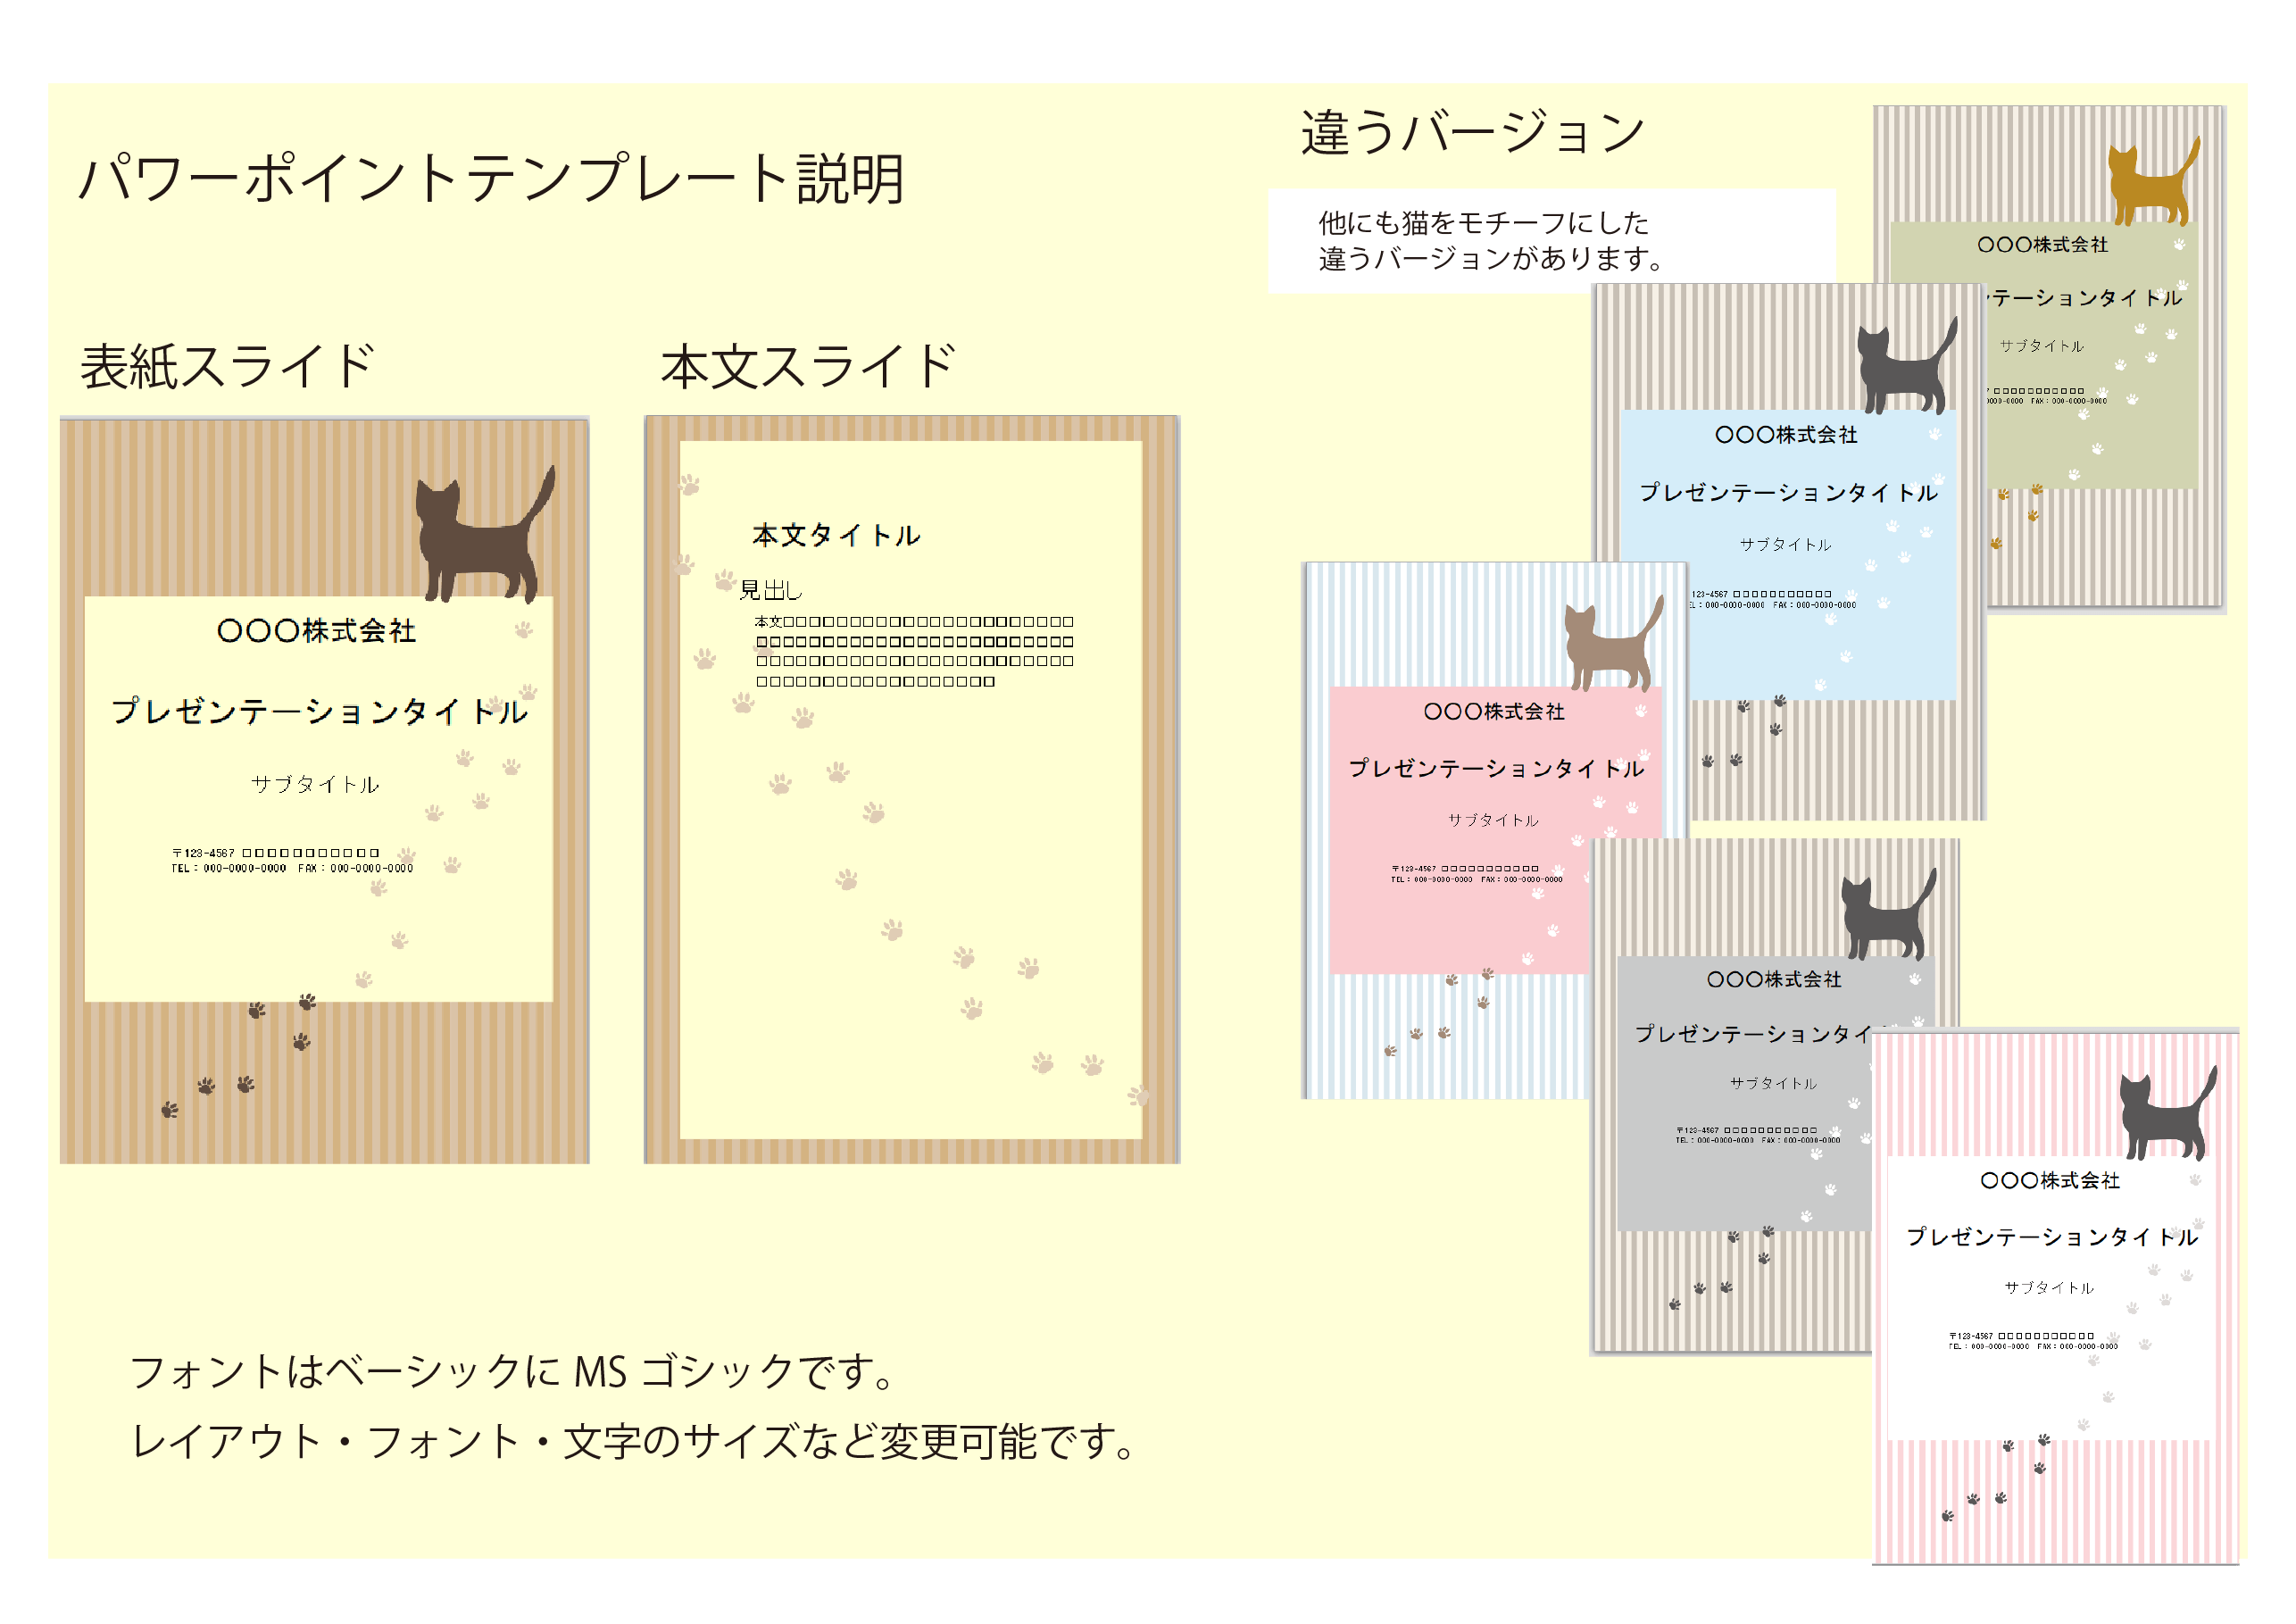 猫のイラストデザインの説明